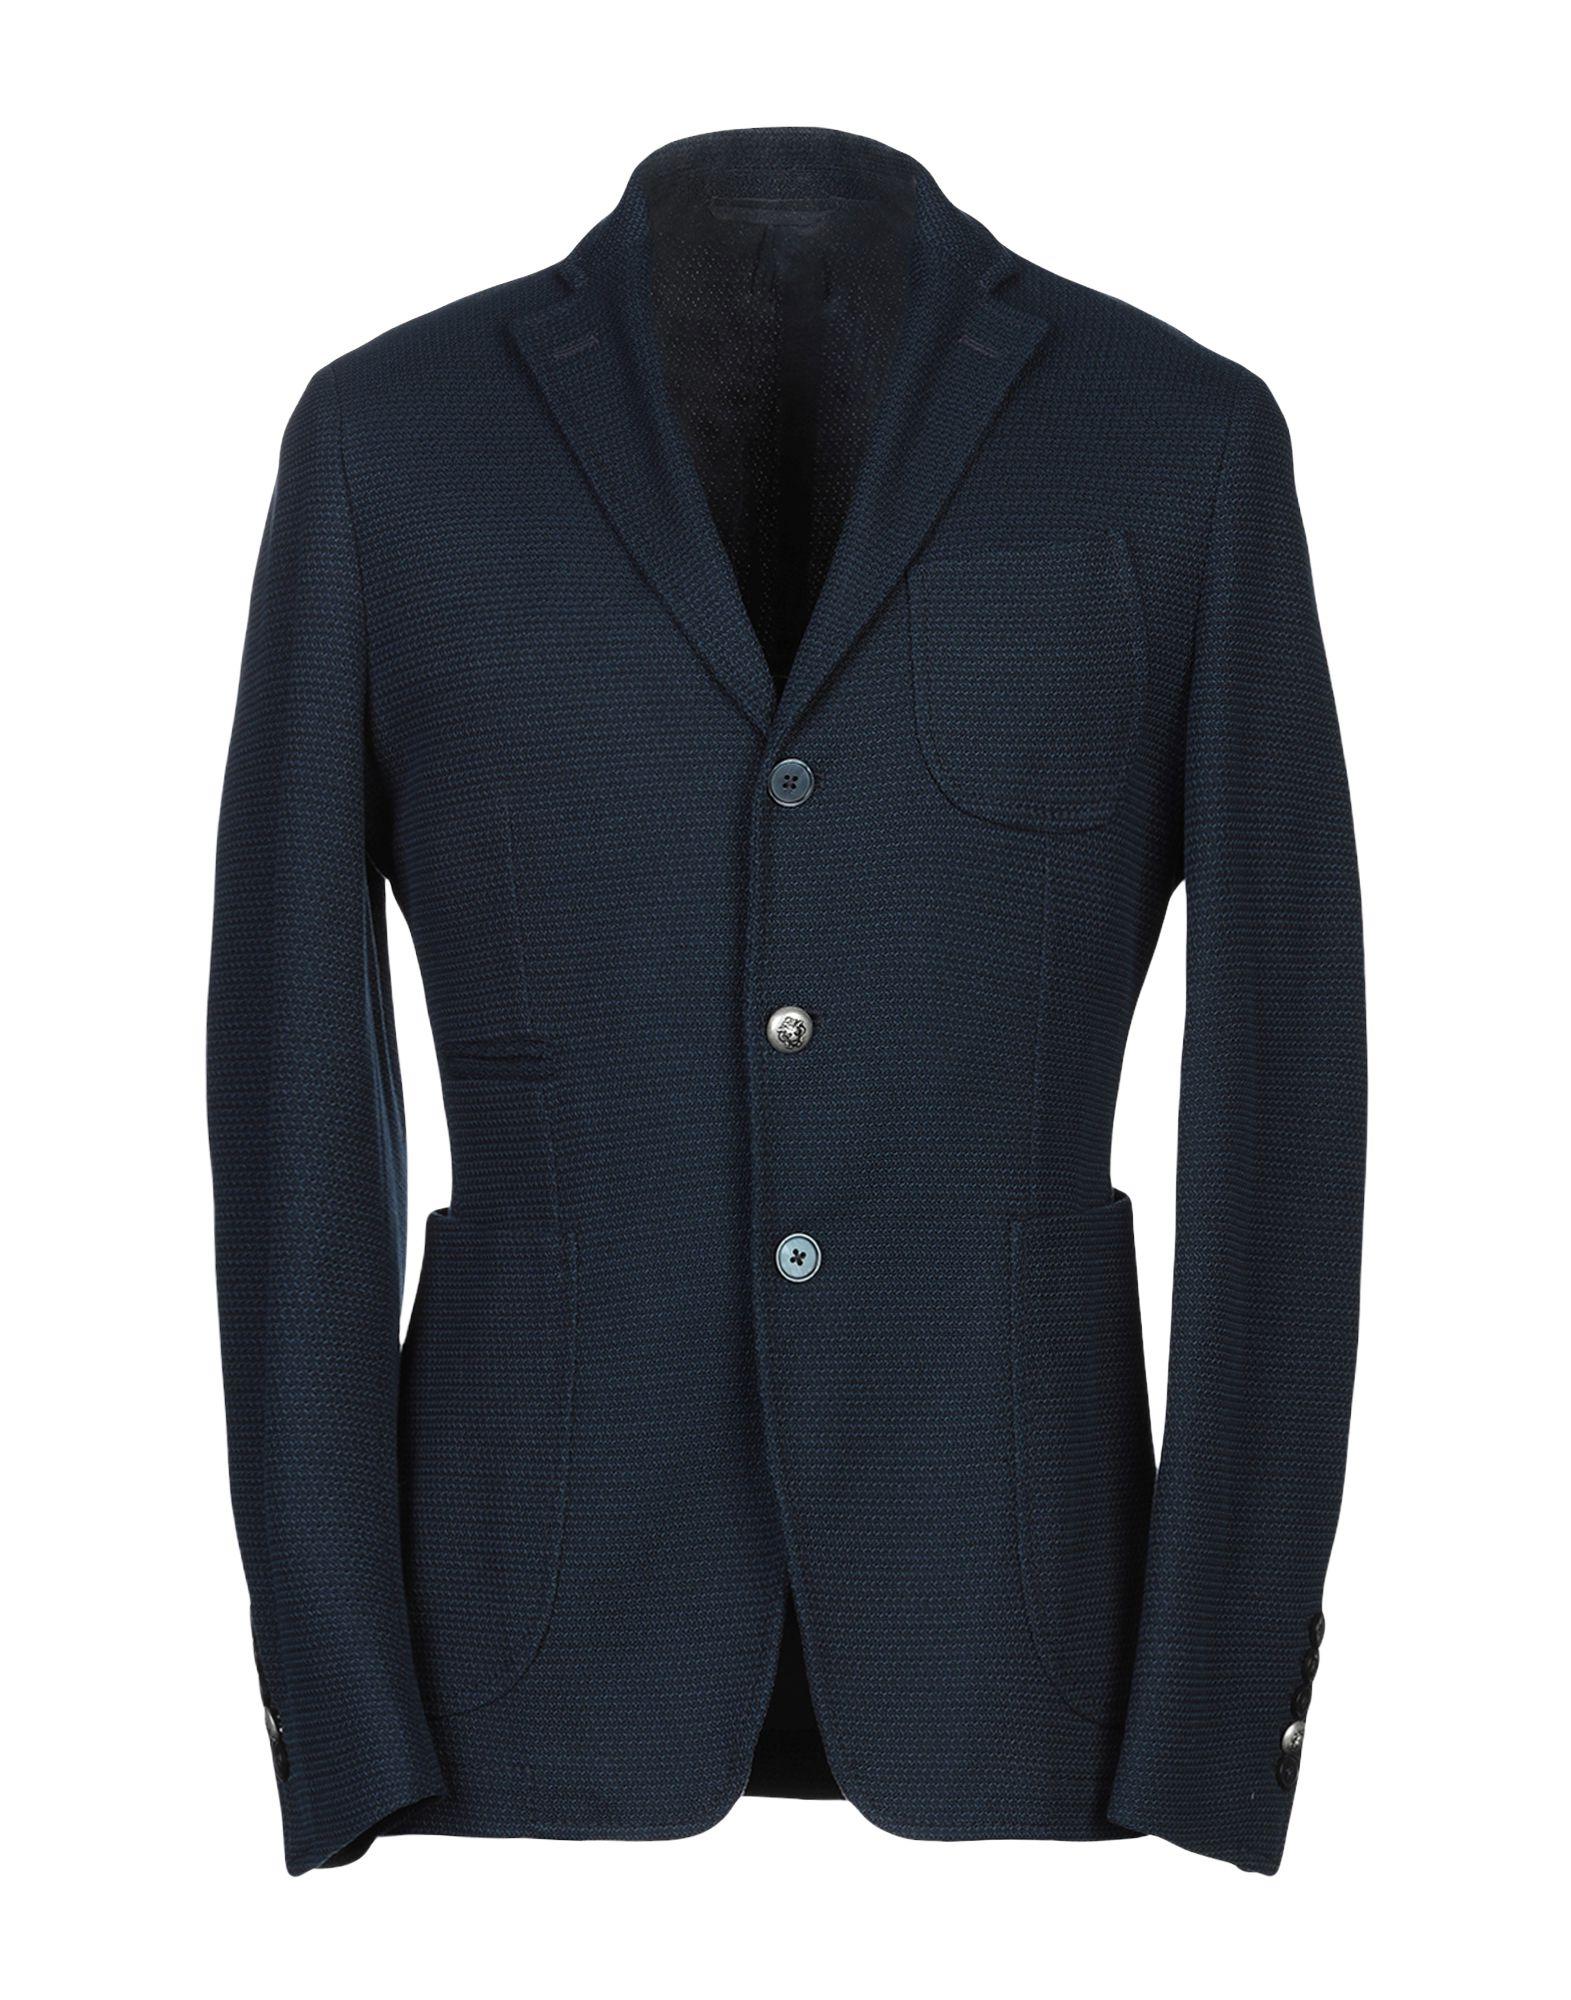 《期間限定セール開催中!》JOHN SHEEP メンズ テーラードジャケット ブルー 48 コットン 100%